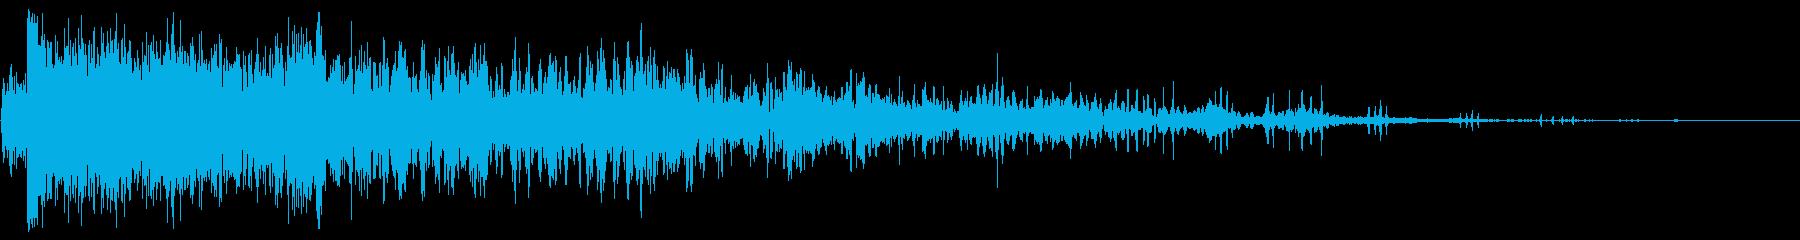 処理済みガンショットシンセエアバーストの再生済みの波形